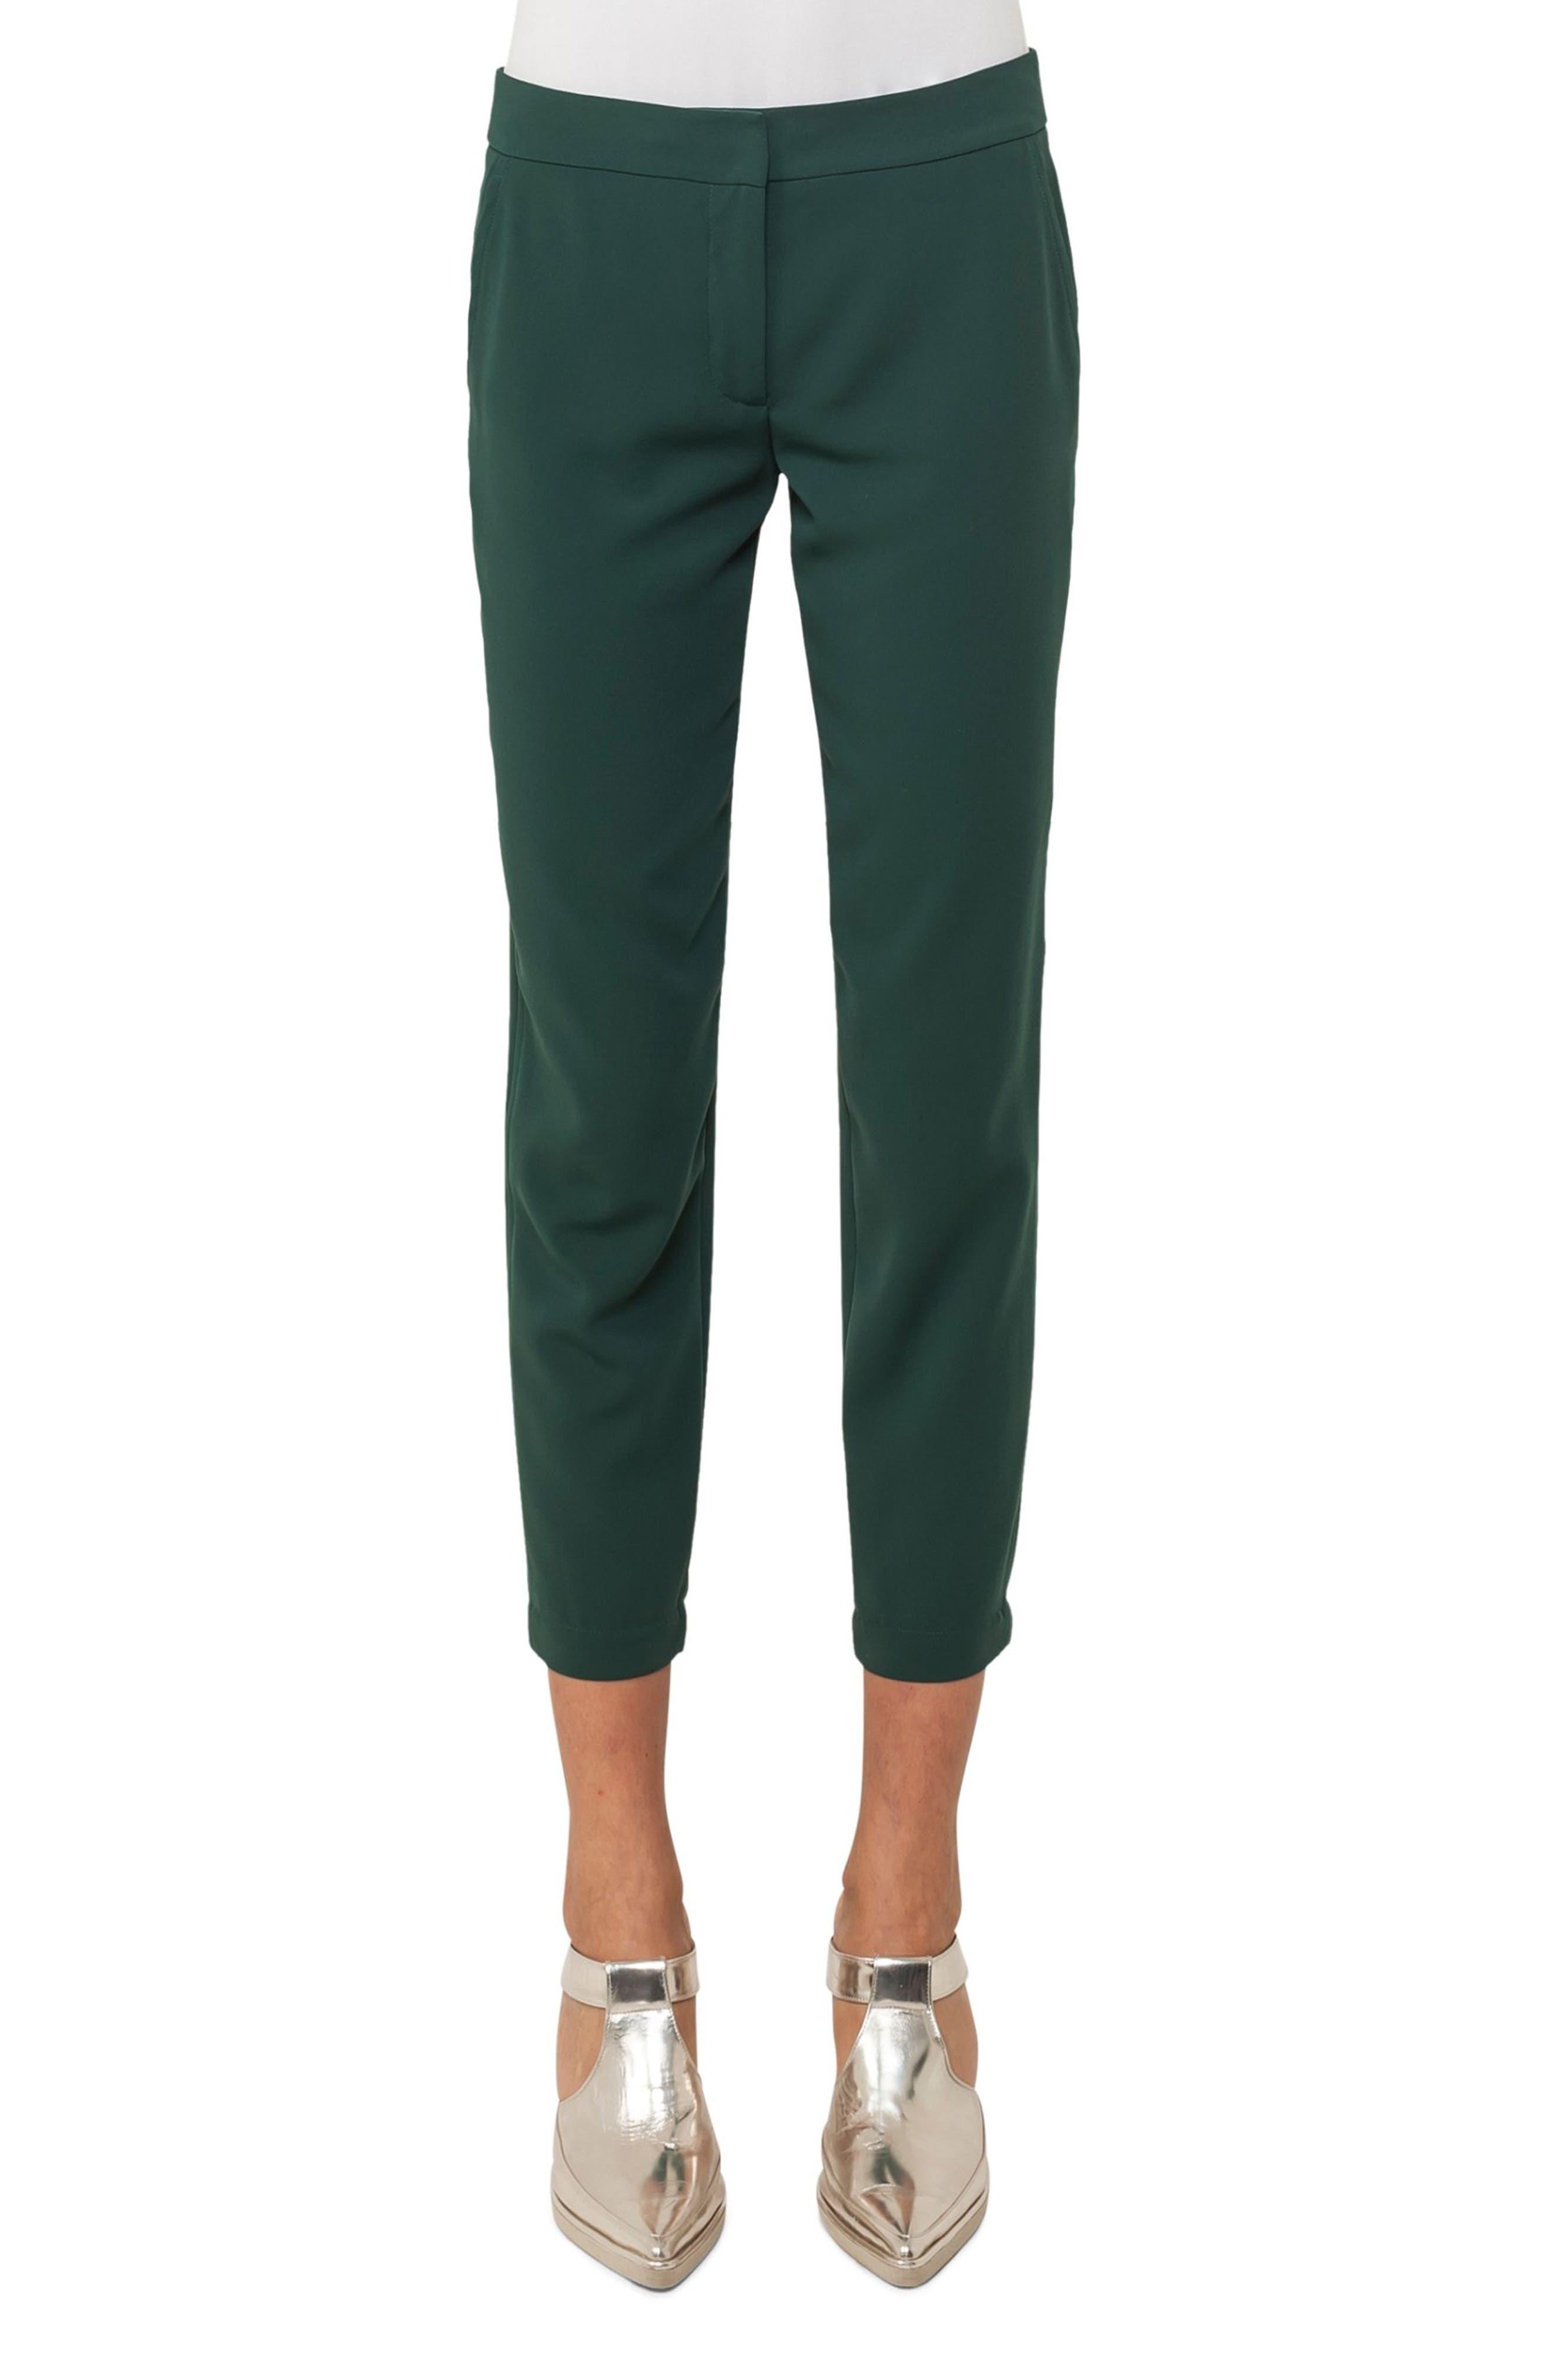 Florette Cargo Pants,                             Main thumbnail 1, color,                             Palm Leaf